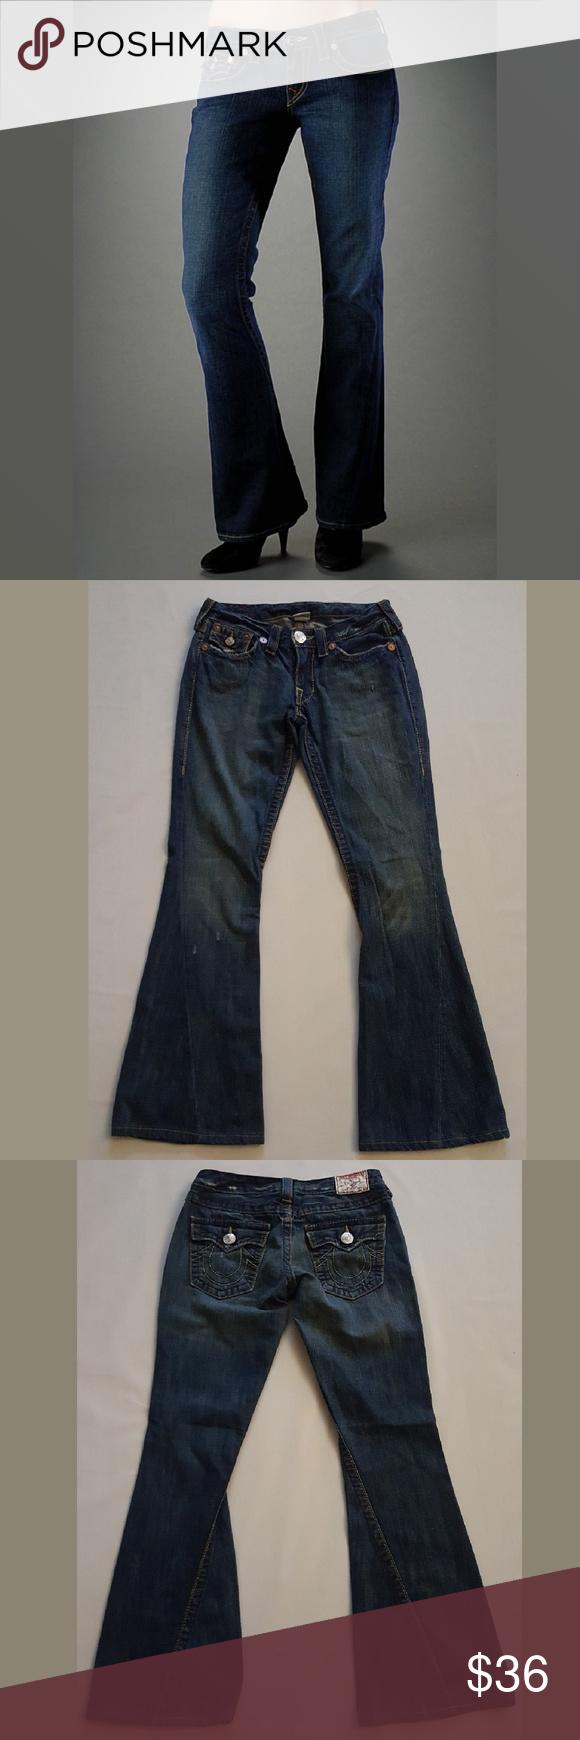 True Religion Joey Big T Flare Wide Leg Jeans True Religion Joey Big T. Size 28. Light distressing. In excellent condition. True Religion Jeans Flare & Wide Leg